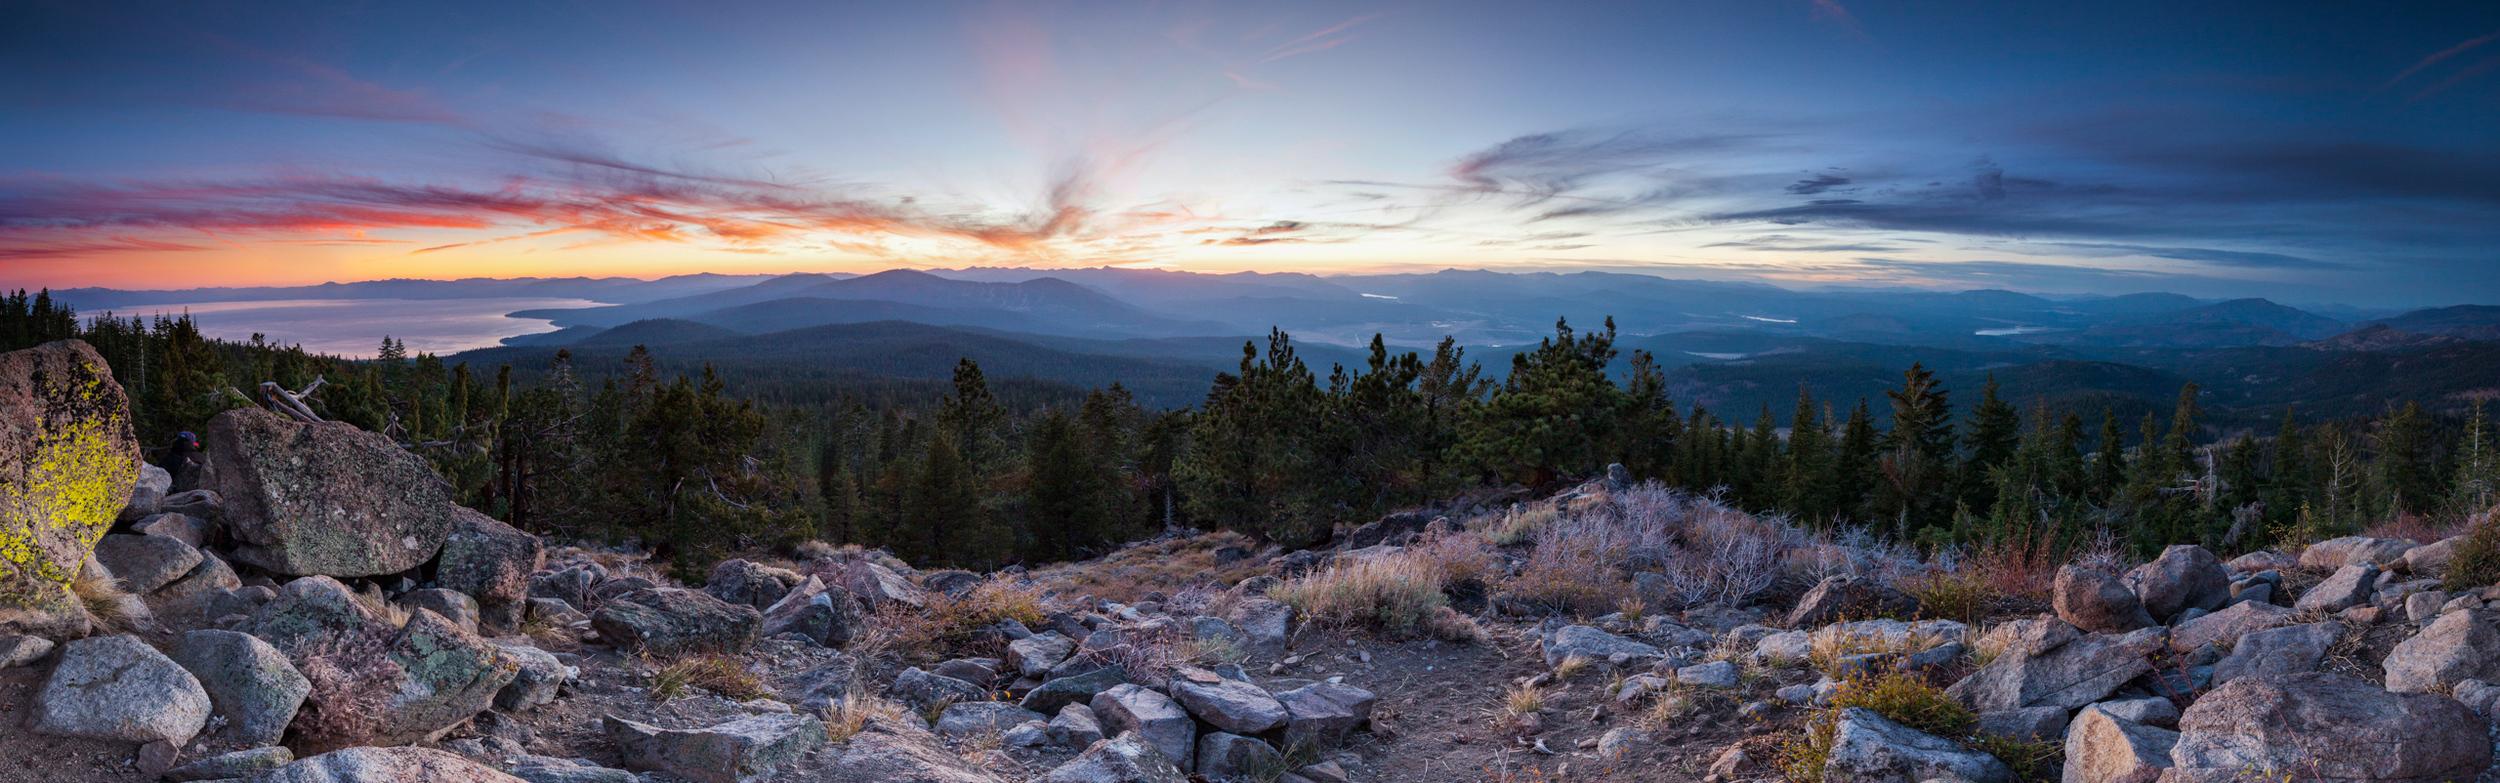 Martis Peak Sunset Pano Cropped.jpg